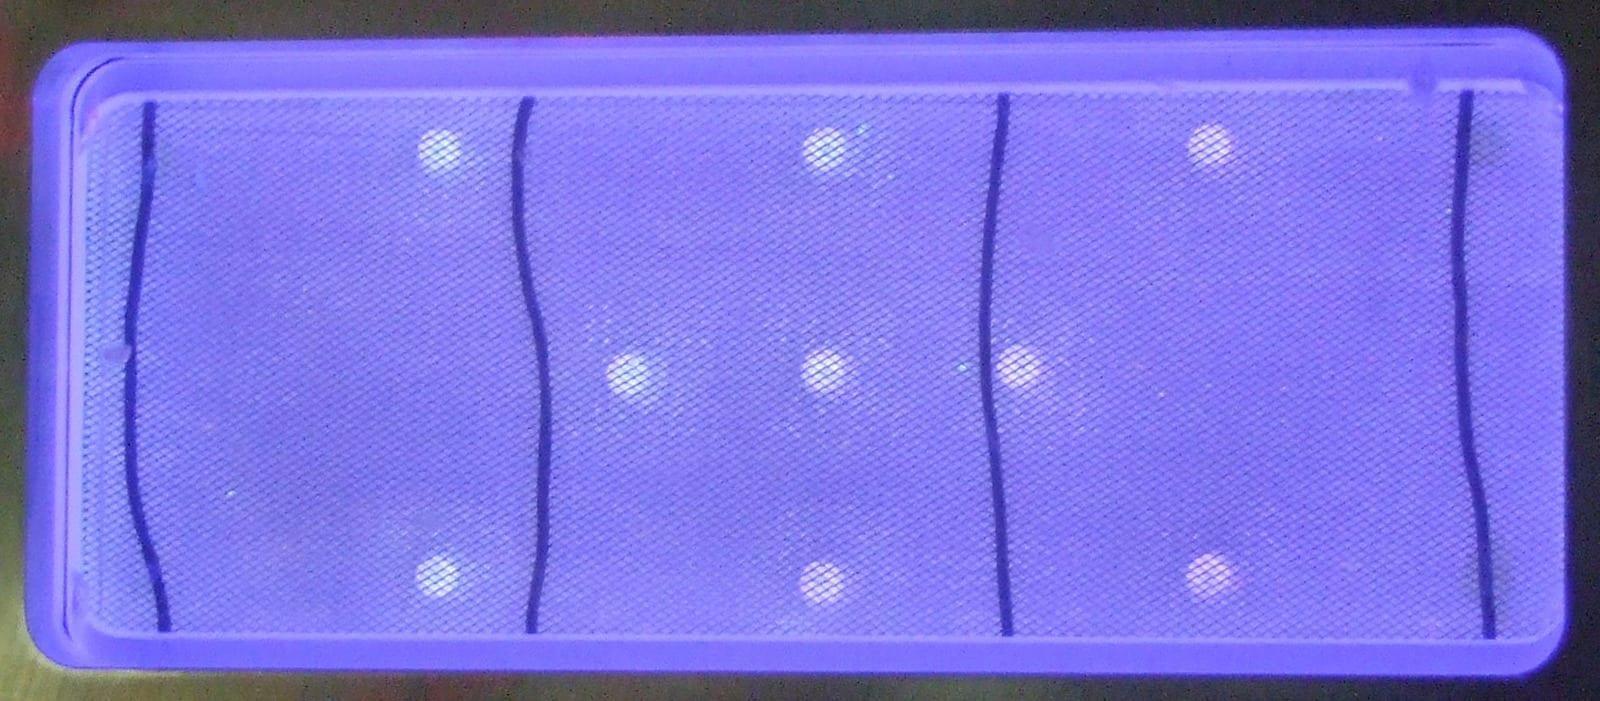 172 nm UV radiation element. © Fraunhofer